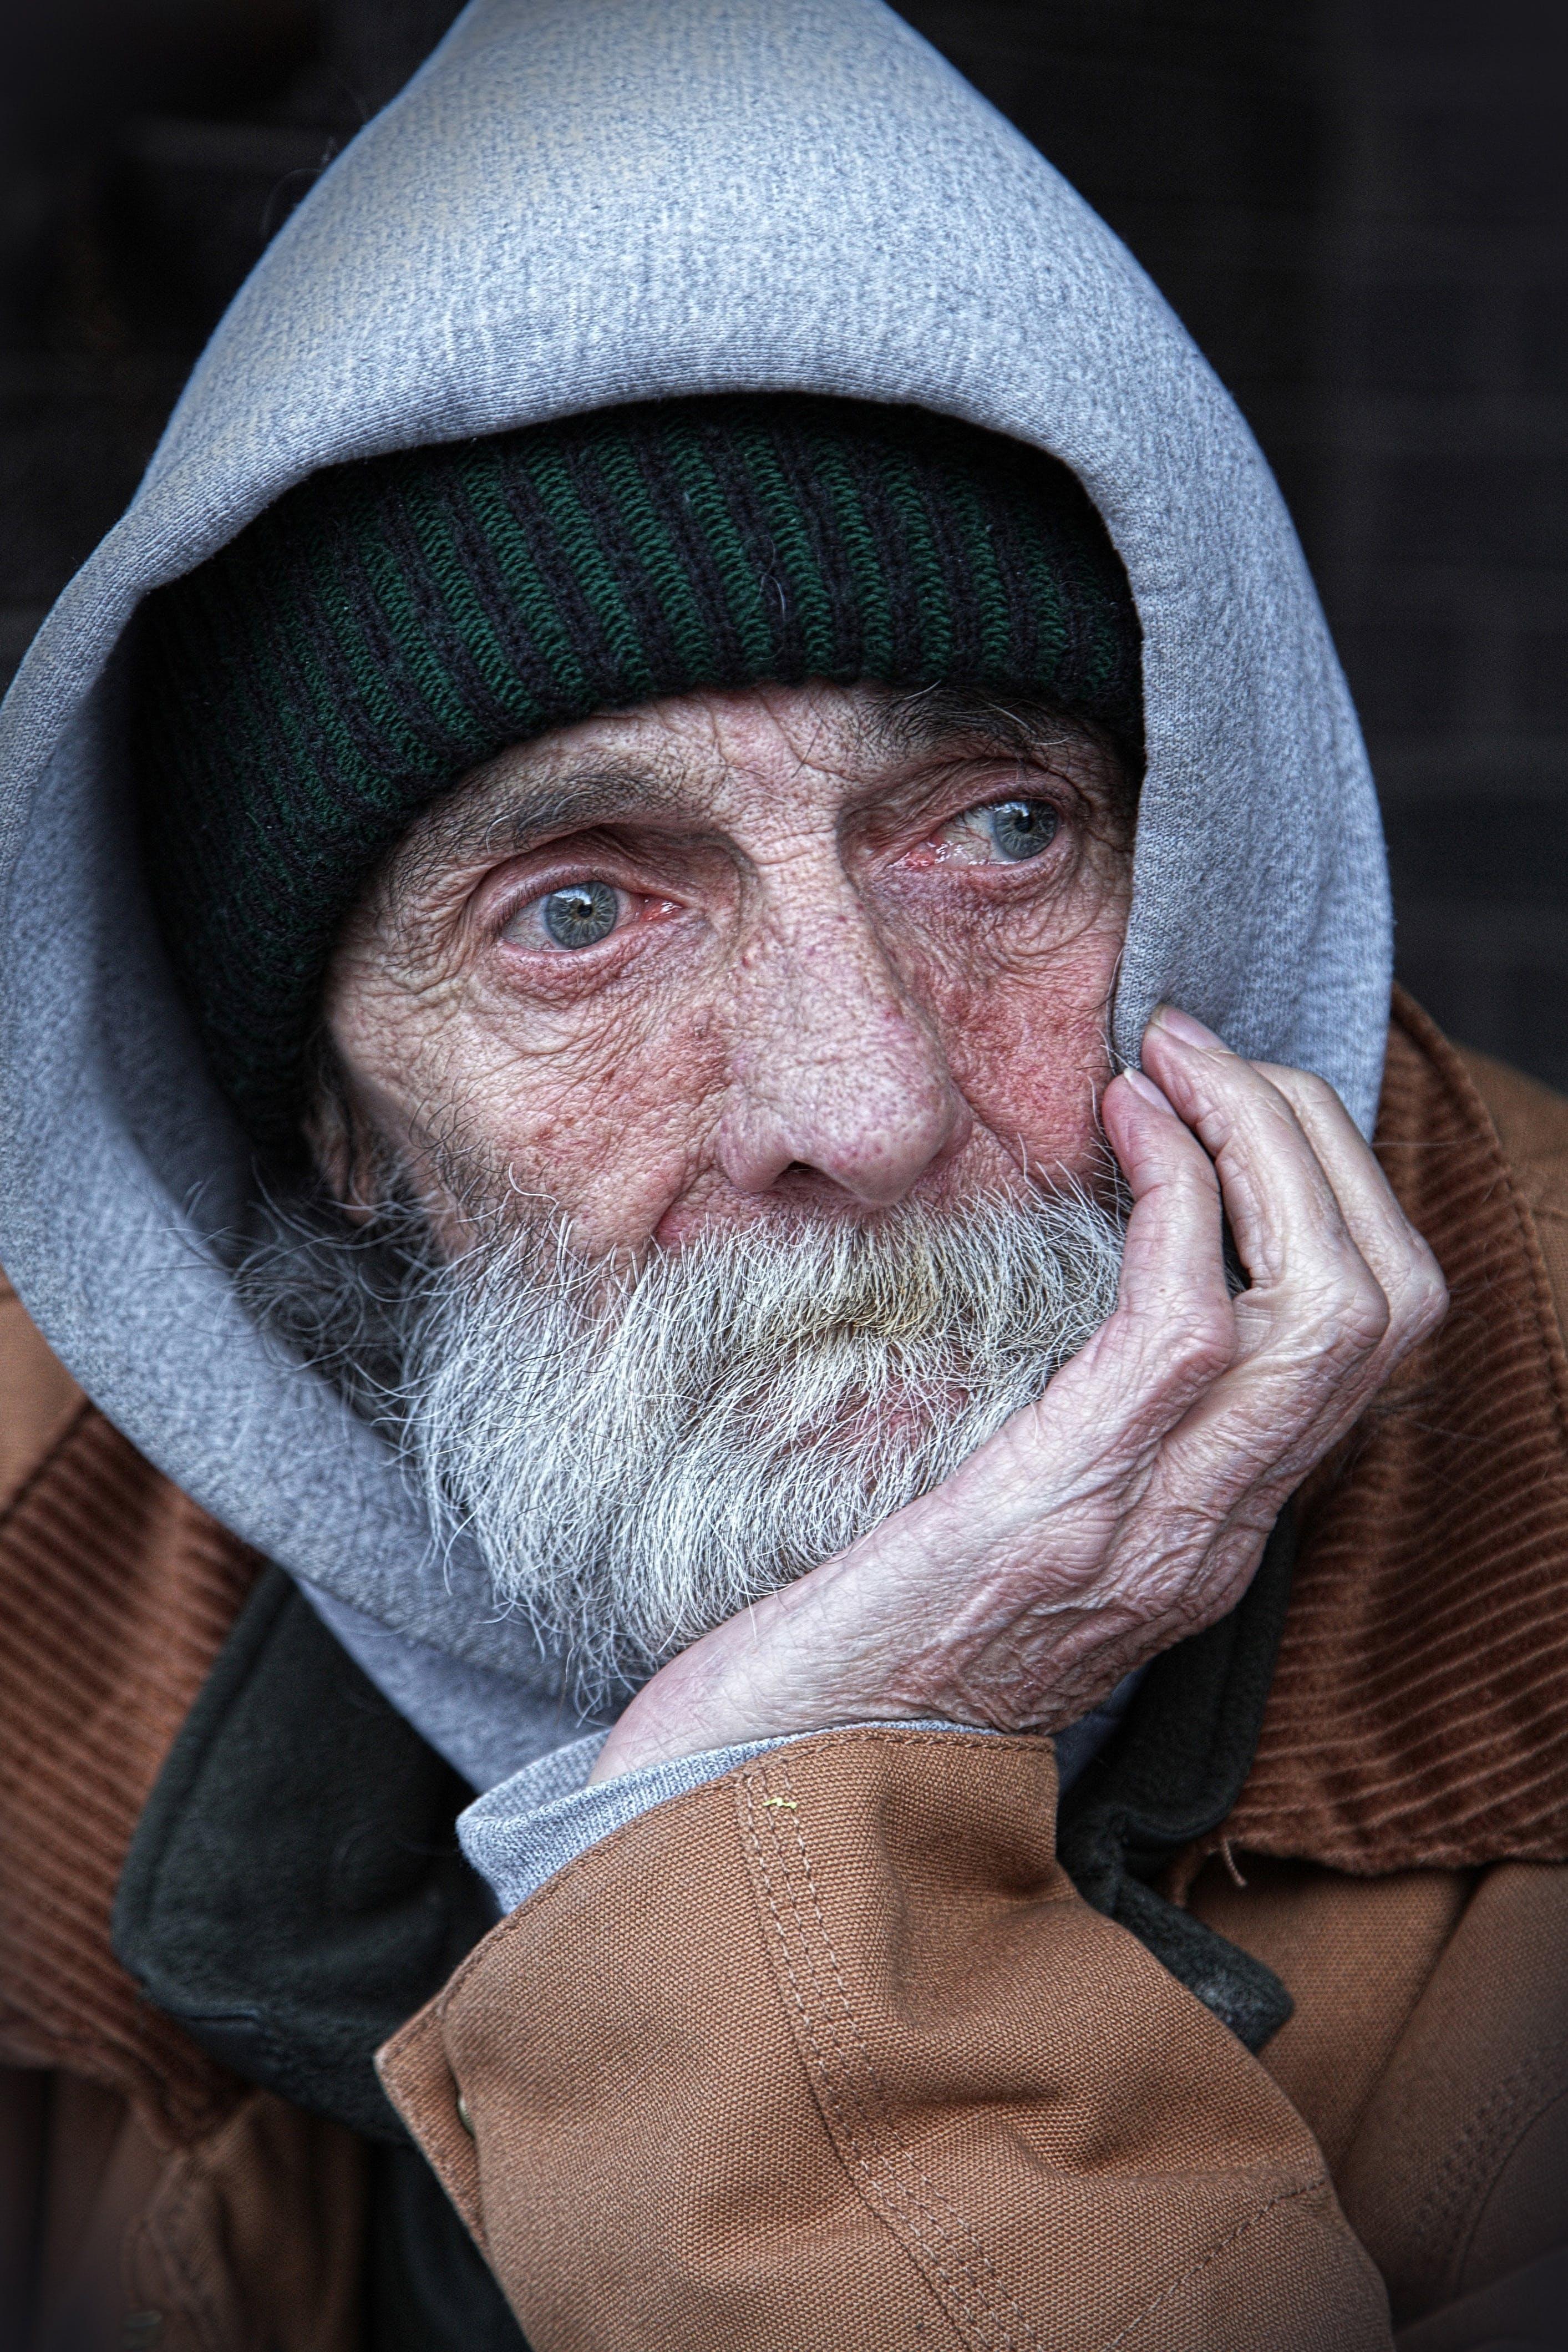 Man Wearing Brown and Gray Hoodie Jacket